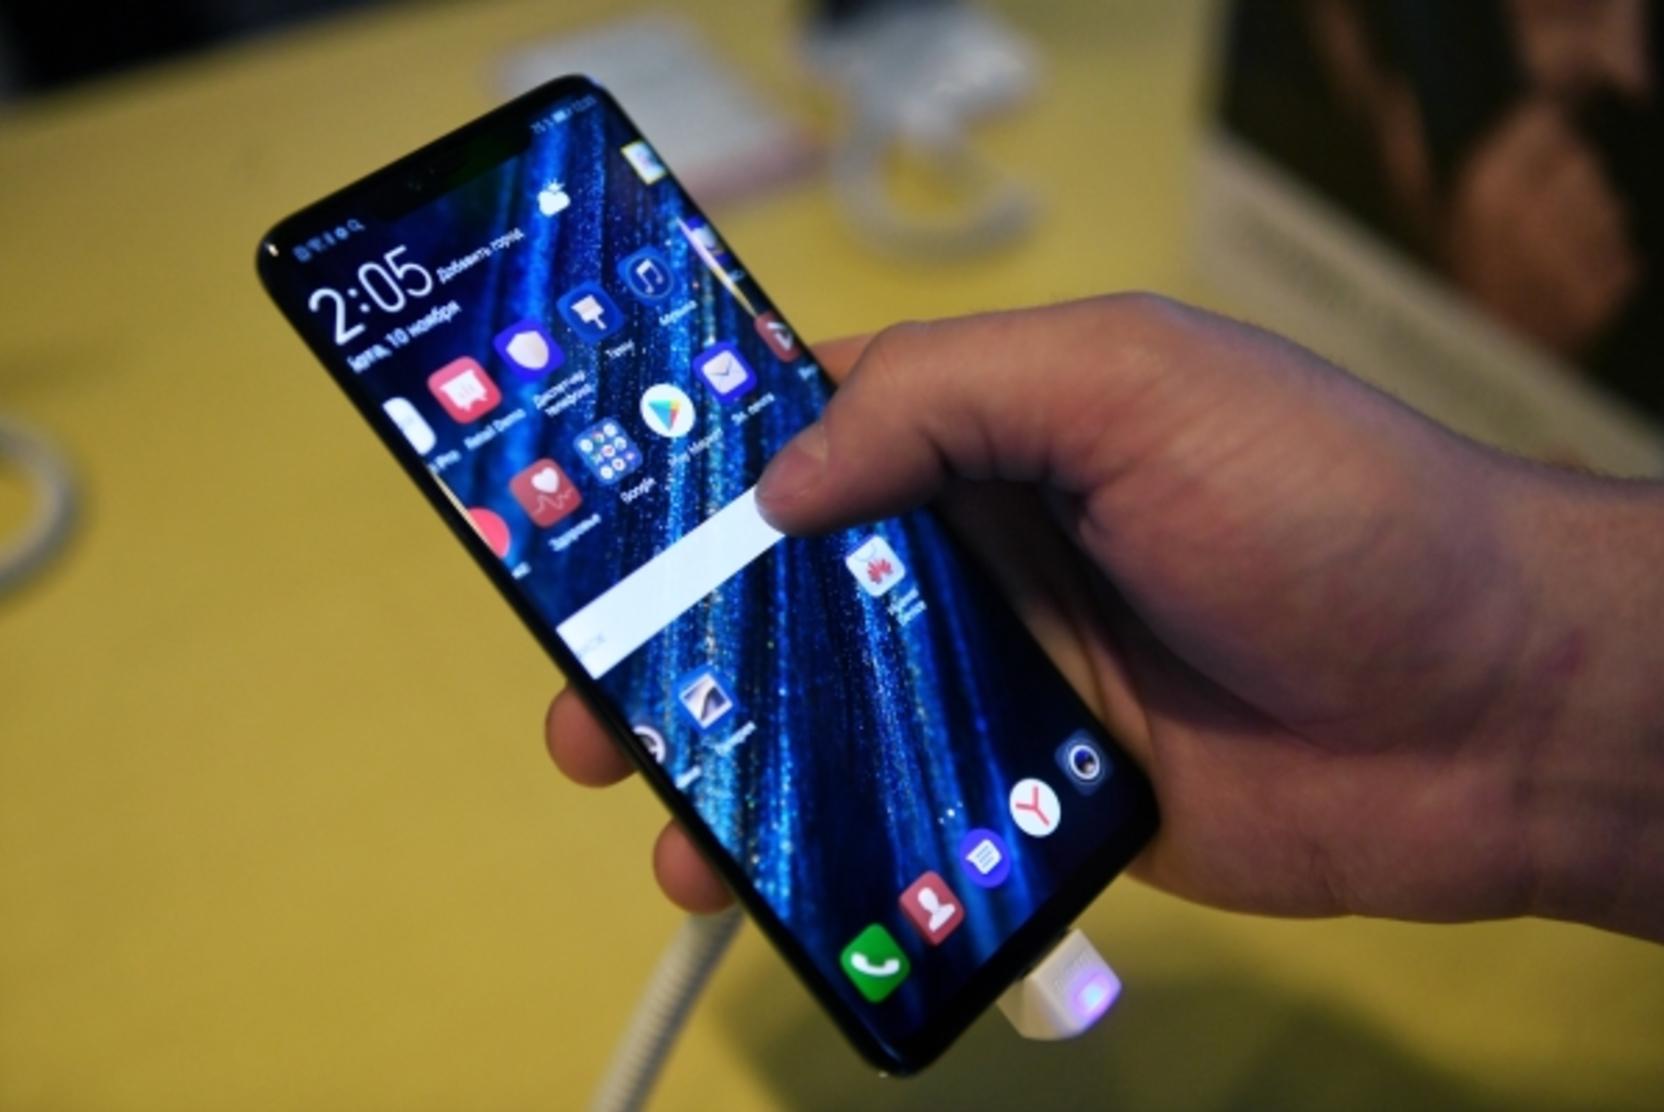 Российский мобильный интернет признали одним из самых доступных в мире